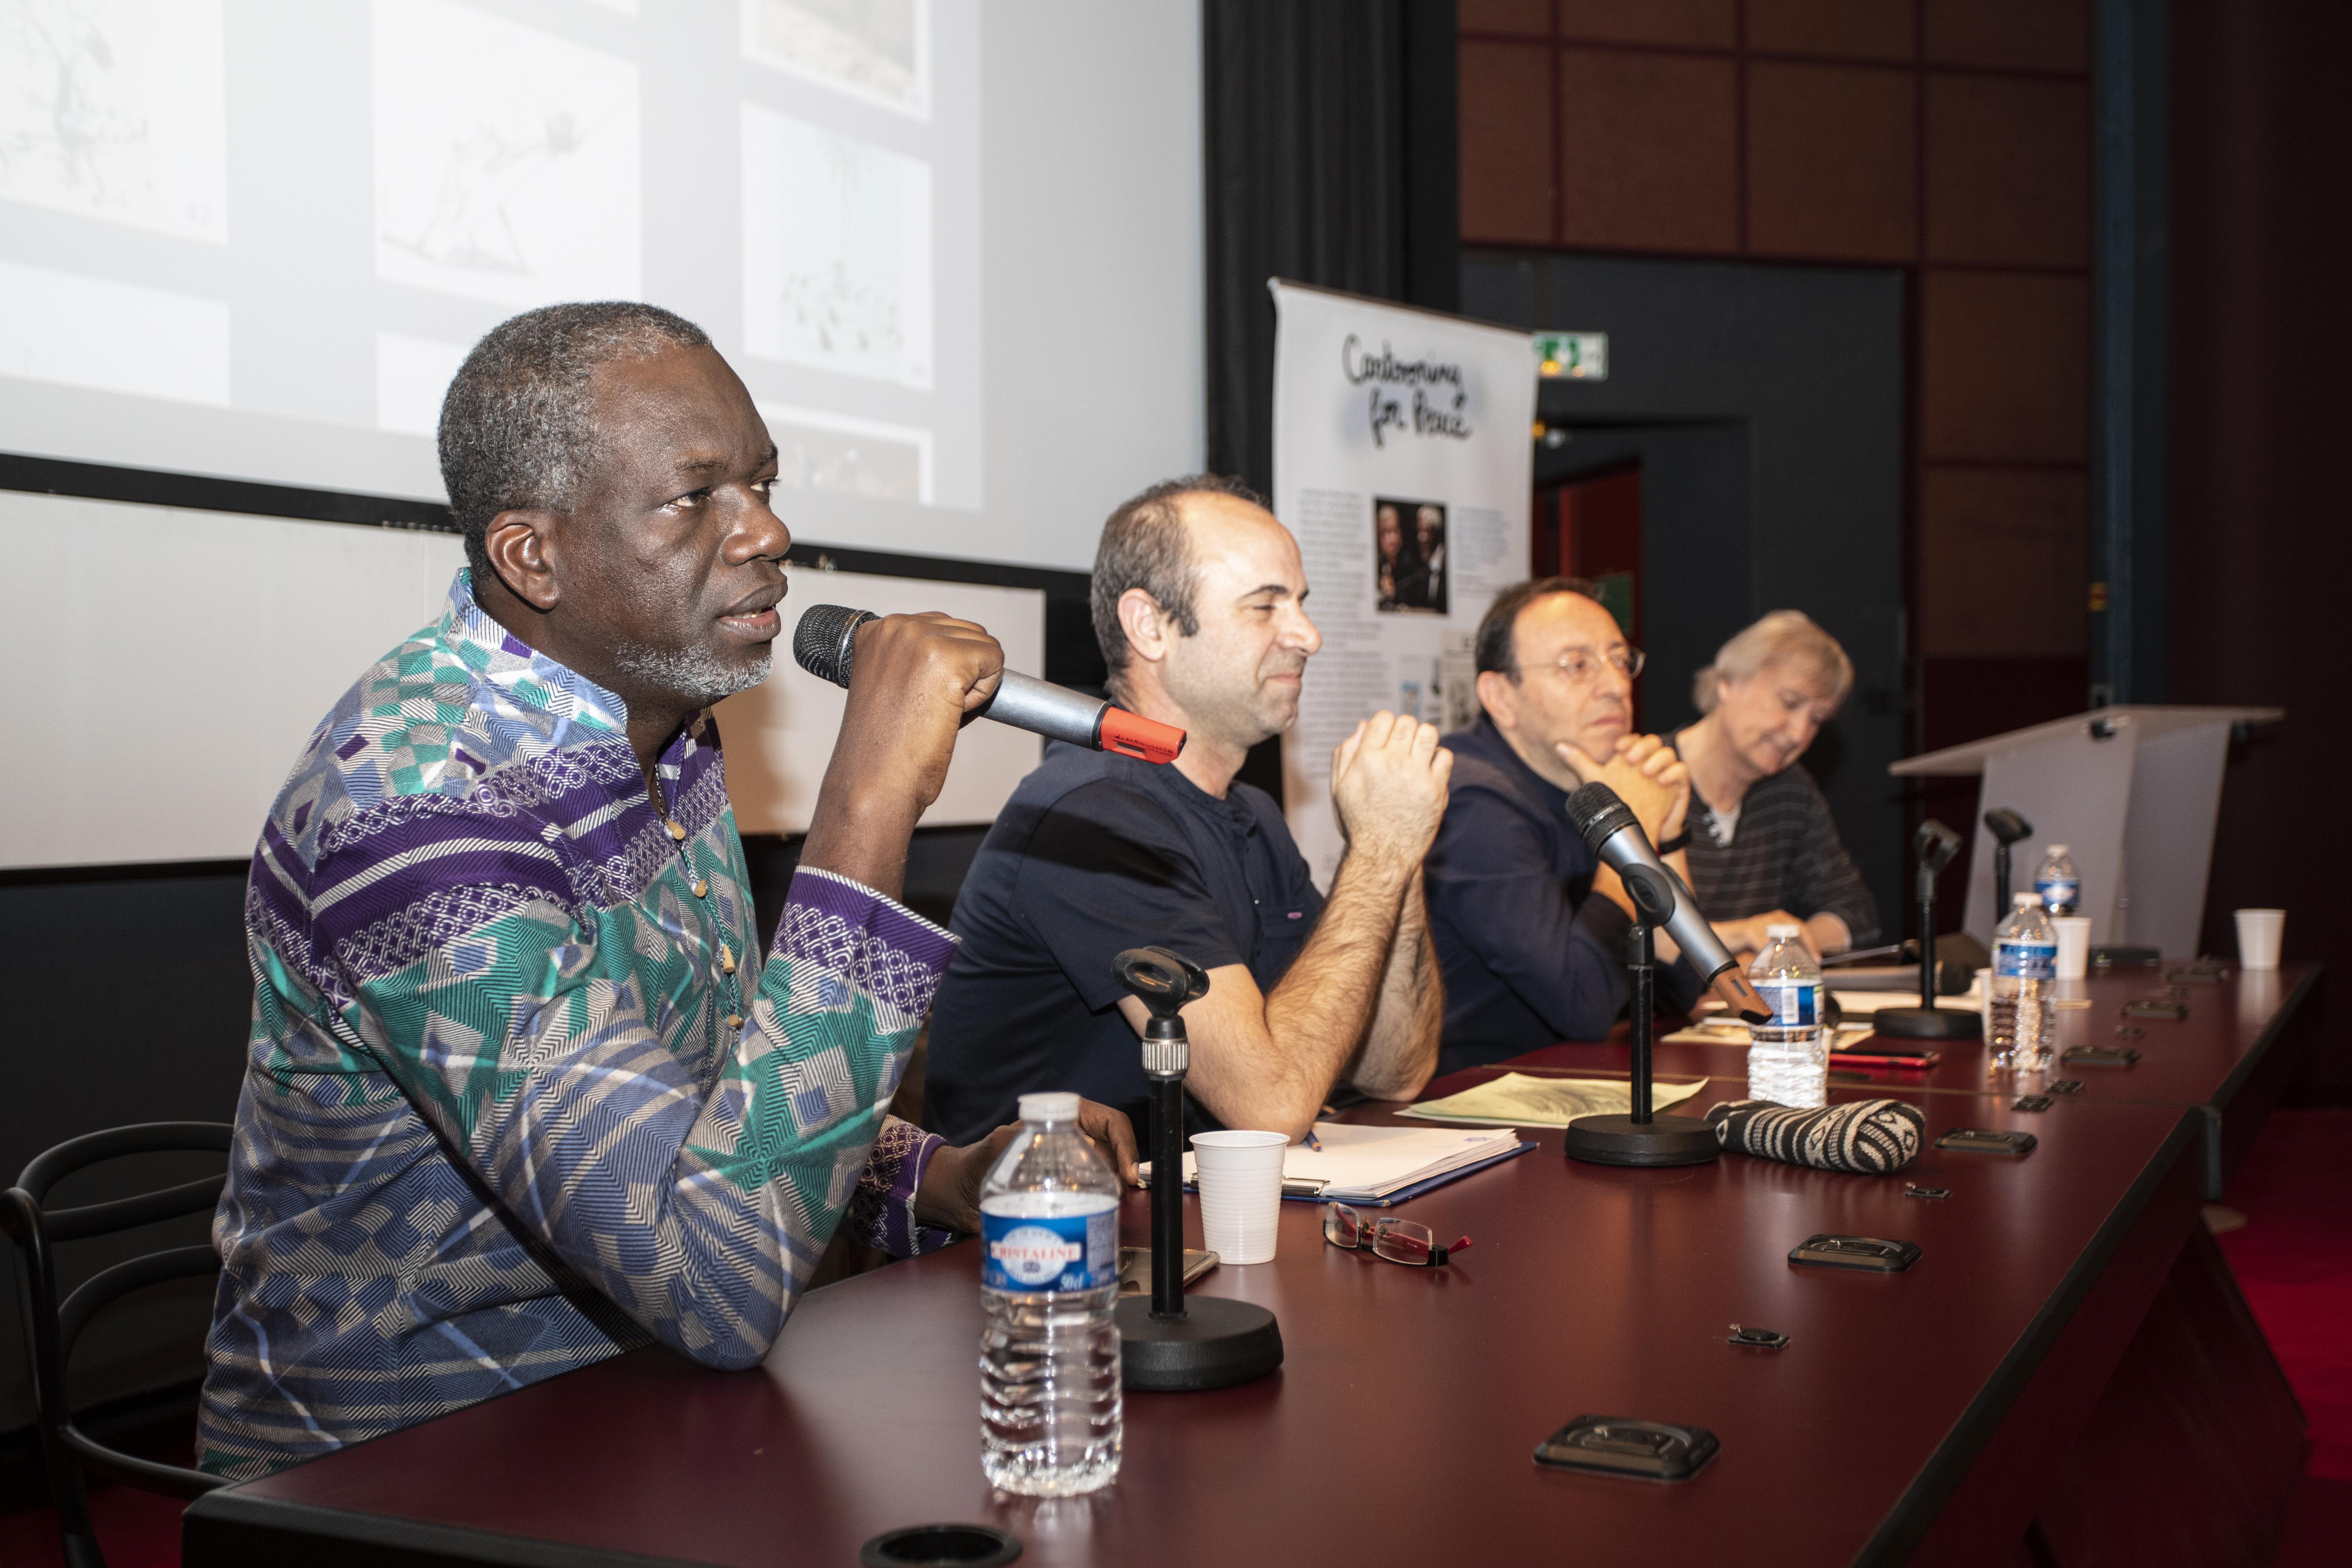 """Conférence annuelle """"Libérons les crayons"""" – Lassane Zohoré (Côte d'Ivoire), Ali Jamshidifar (Iran), Michel Kichka (Israël), Plantu (France) – crédit : Nicolas Moulard"""